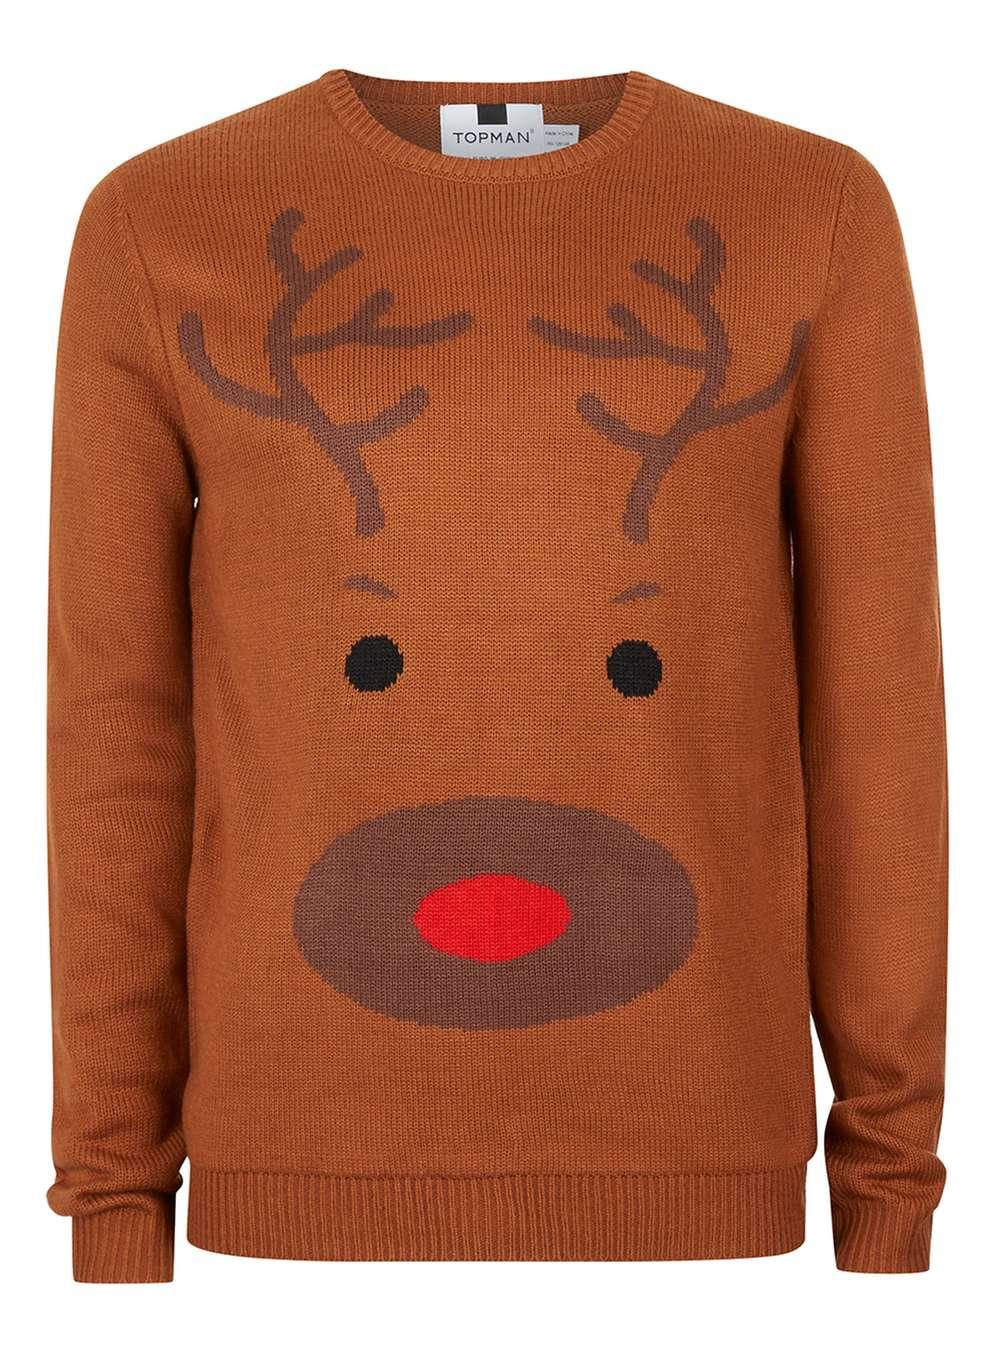 christmas-sweater-topman-braunes-rentier